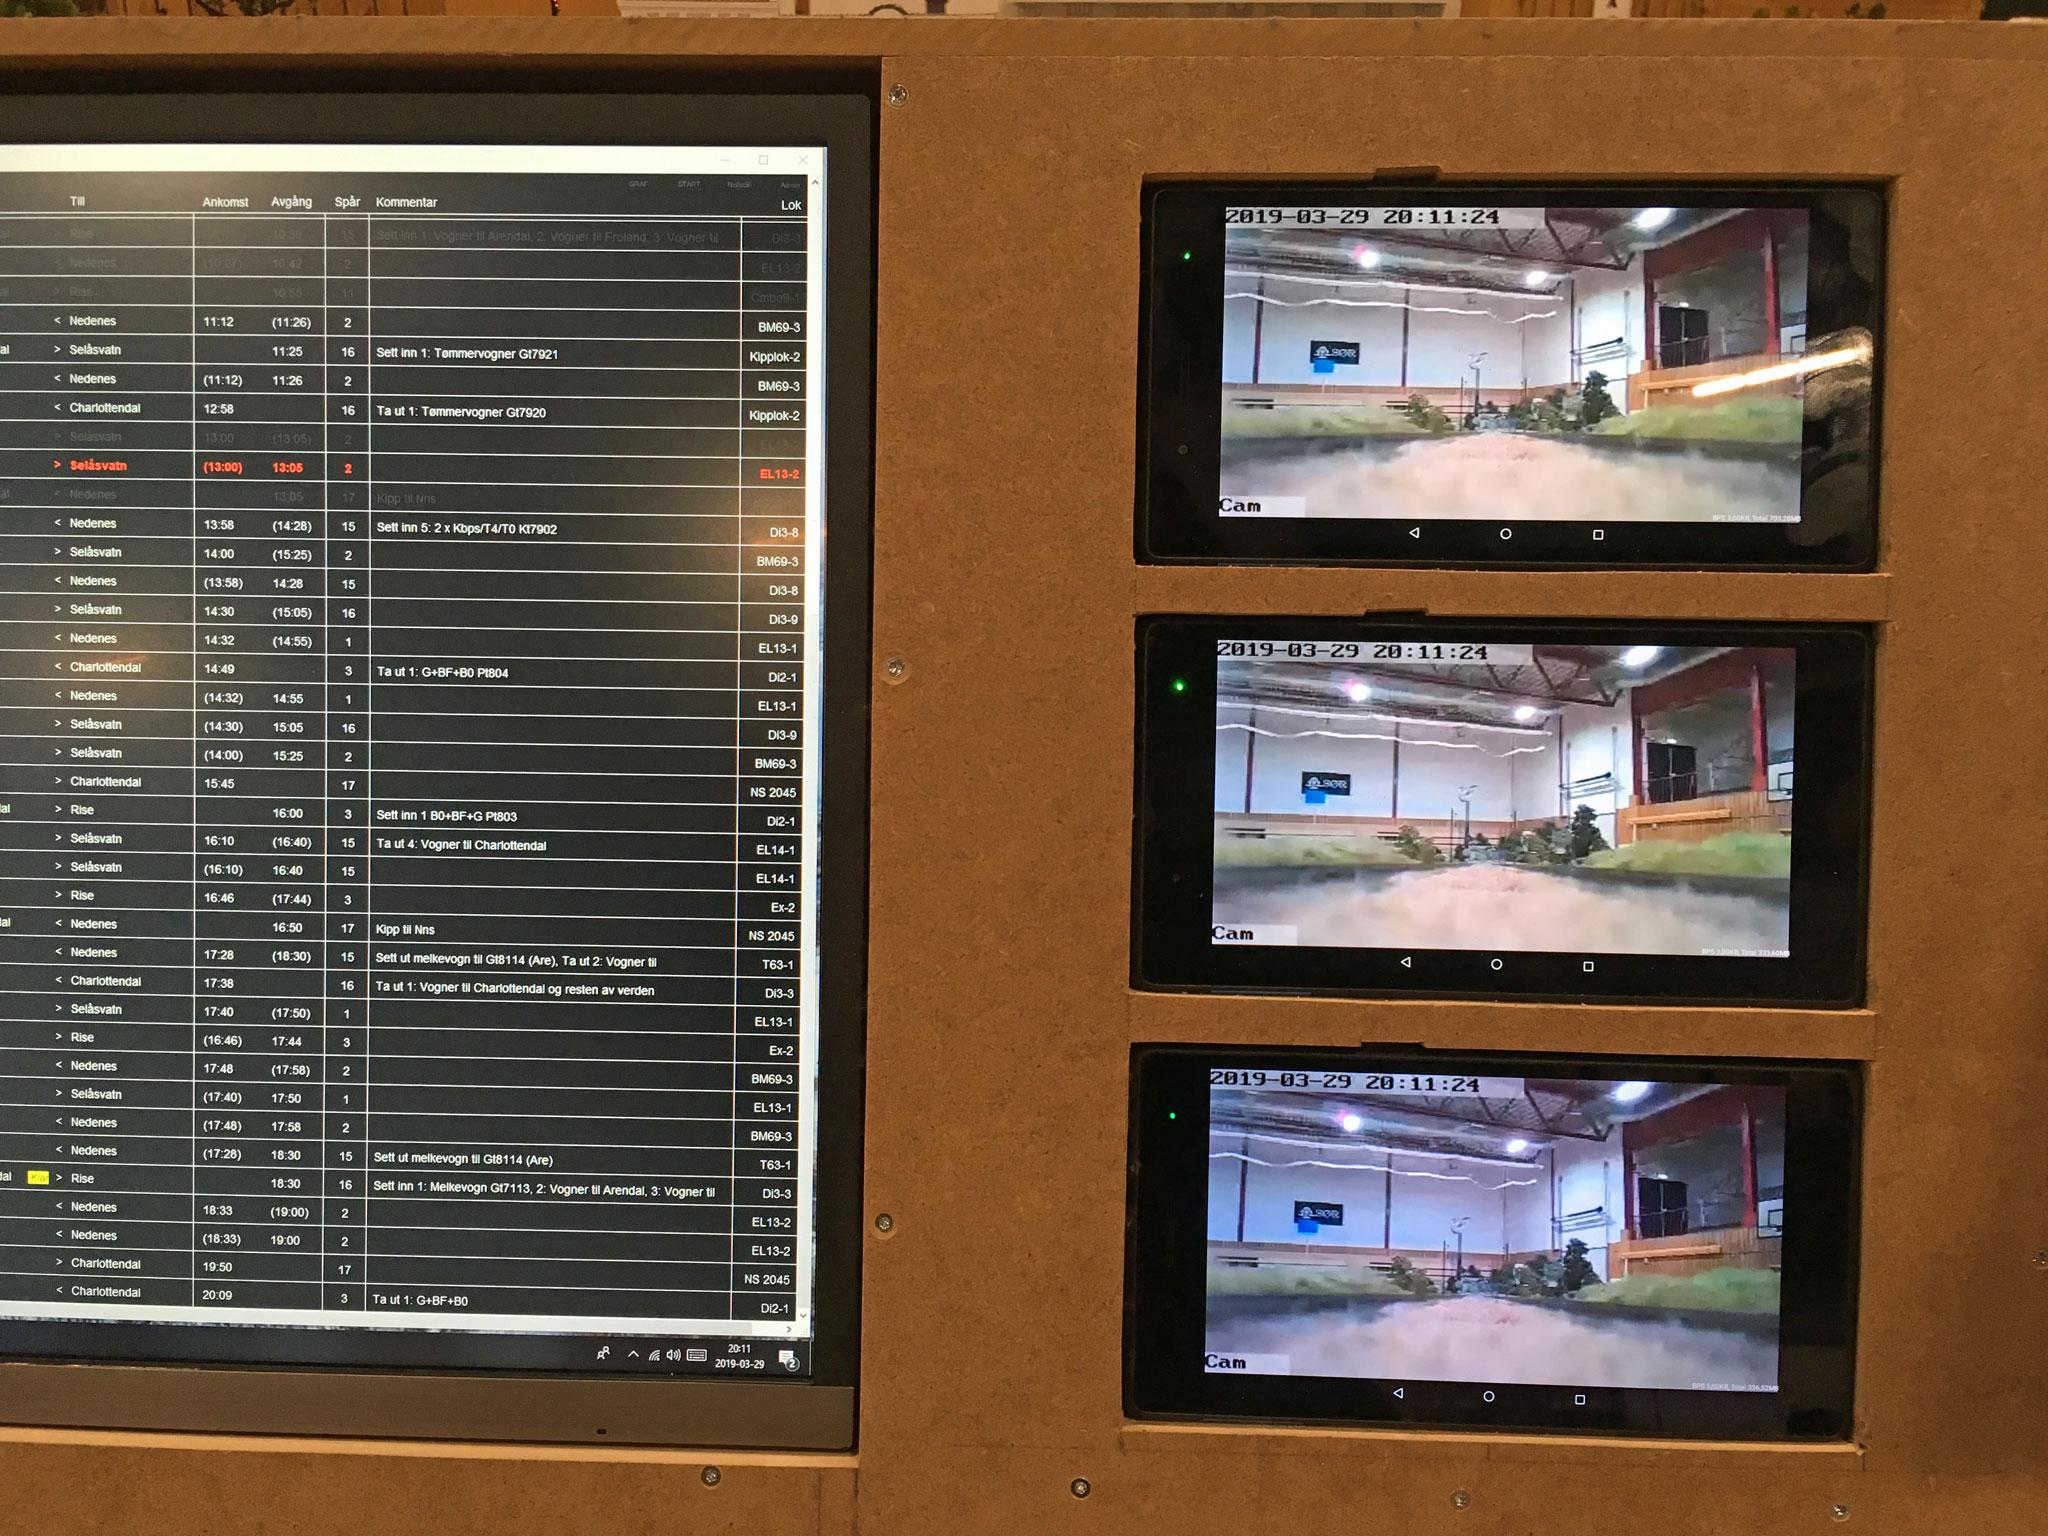 Ved Charlottedals sikringsanlægs betjeningspanel er visse spor kameraovervåget